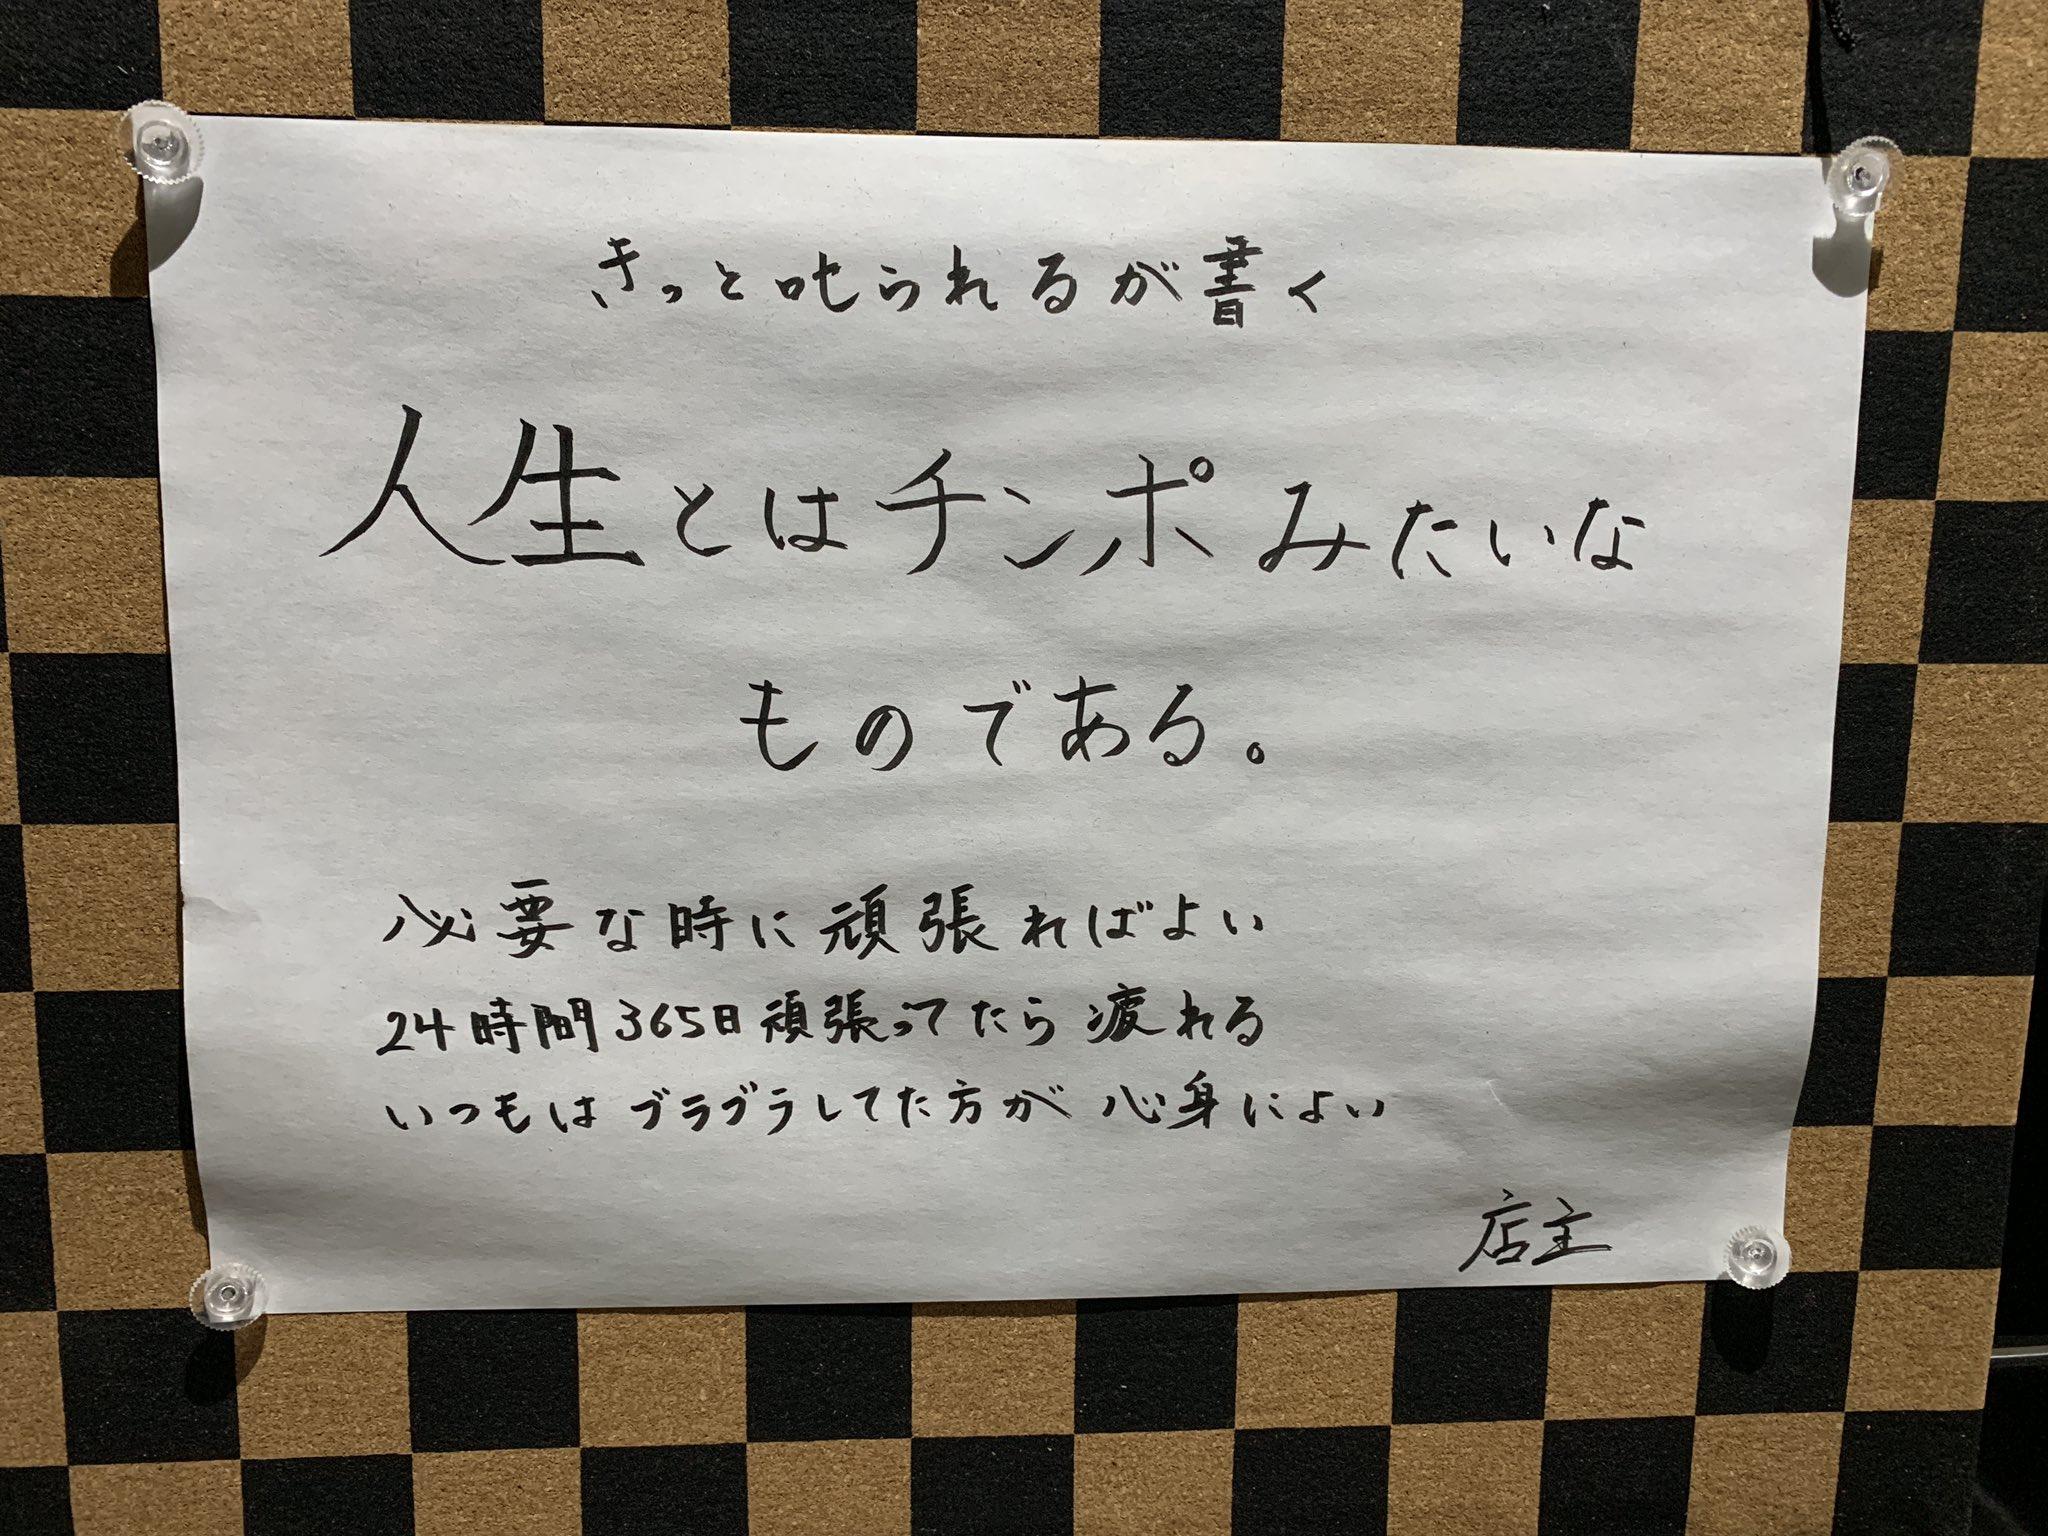 旅行先にあったラーメン屋のトイレに貼ってあった格言。なかなかパンチ効いてるけどごもっともですね。